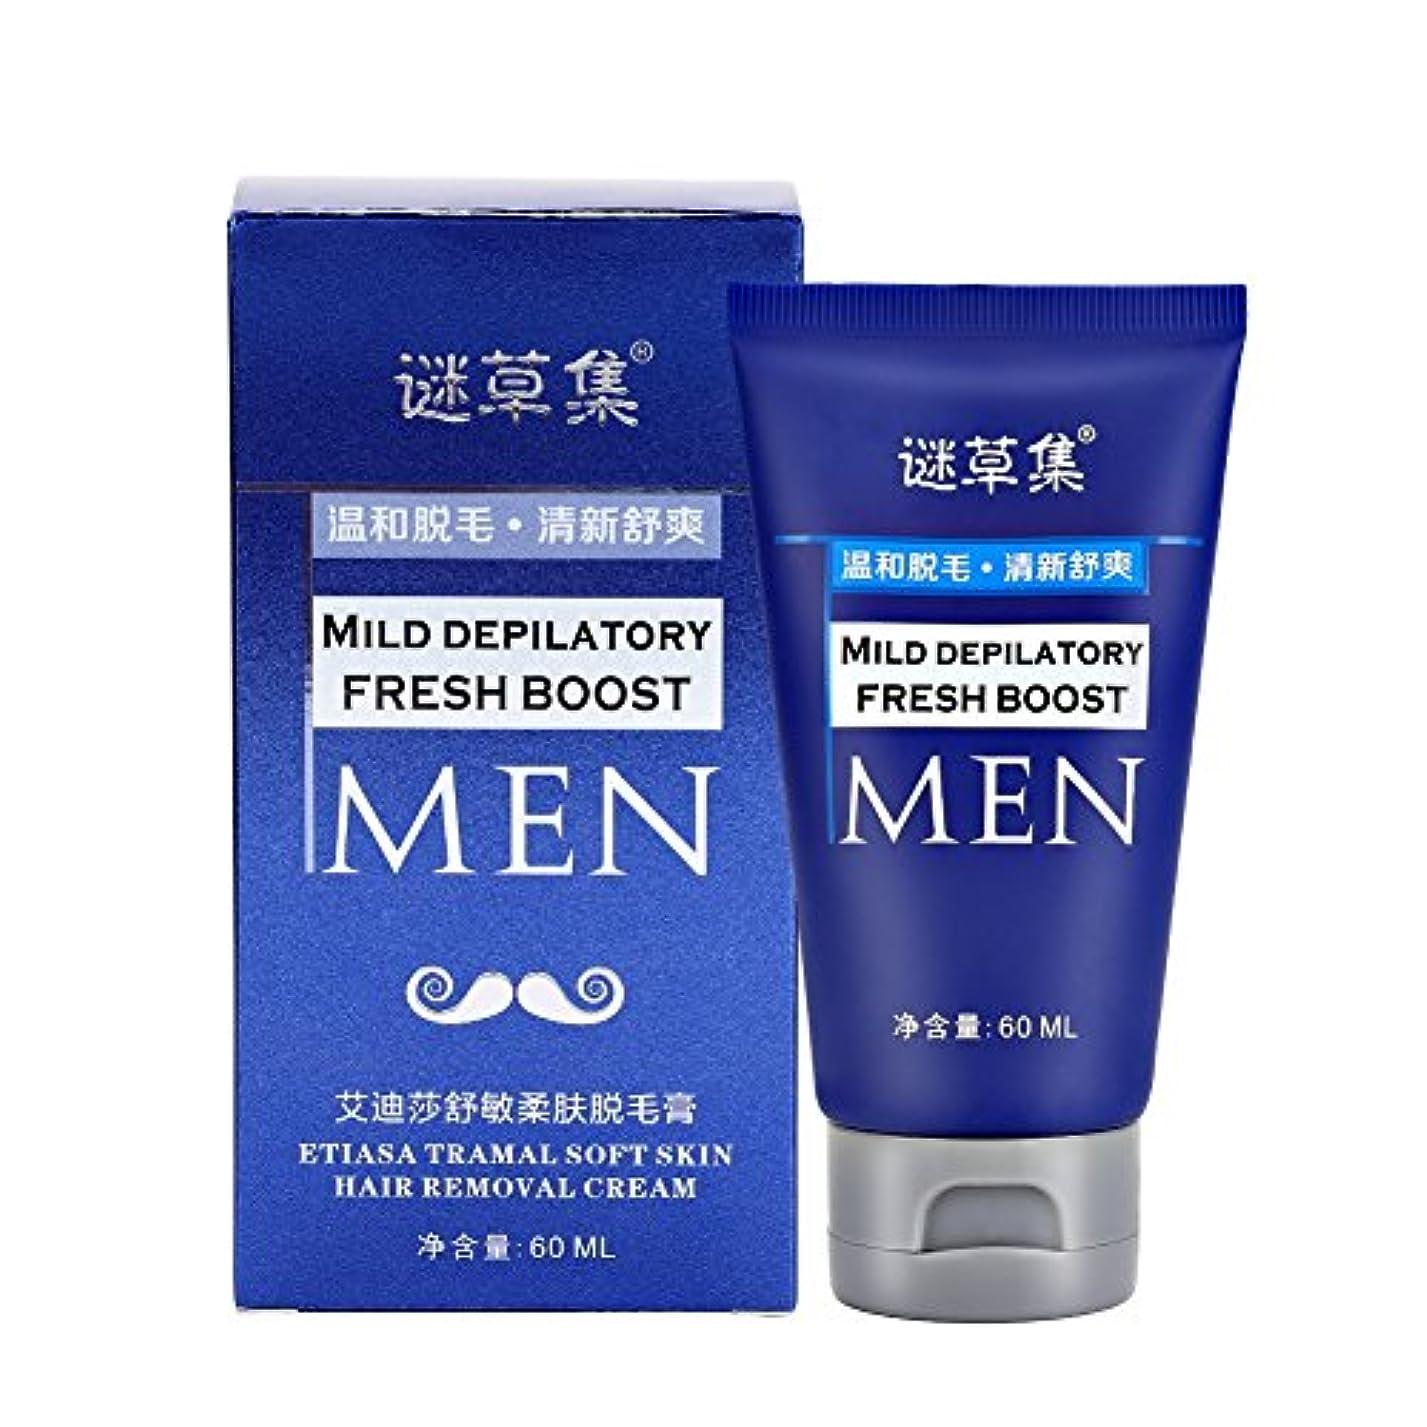 テントオピエート選ぶ脱毛クリーム、60ML男性のボディ脱毛腕の脚の髪の痛みを除去する美容クリーム 脱毛クリーム